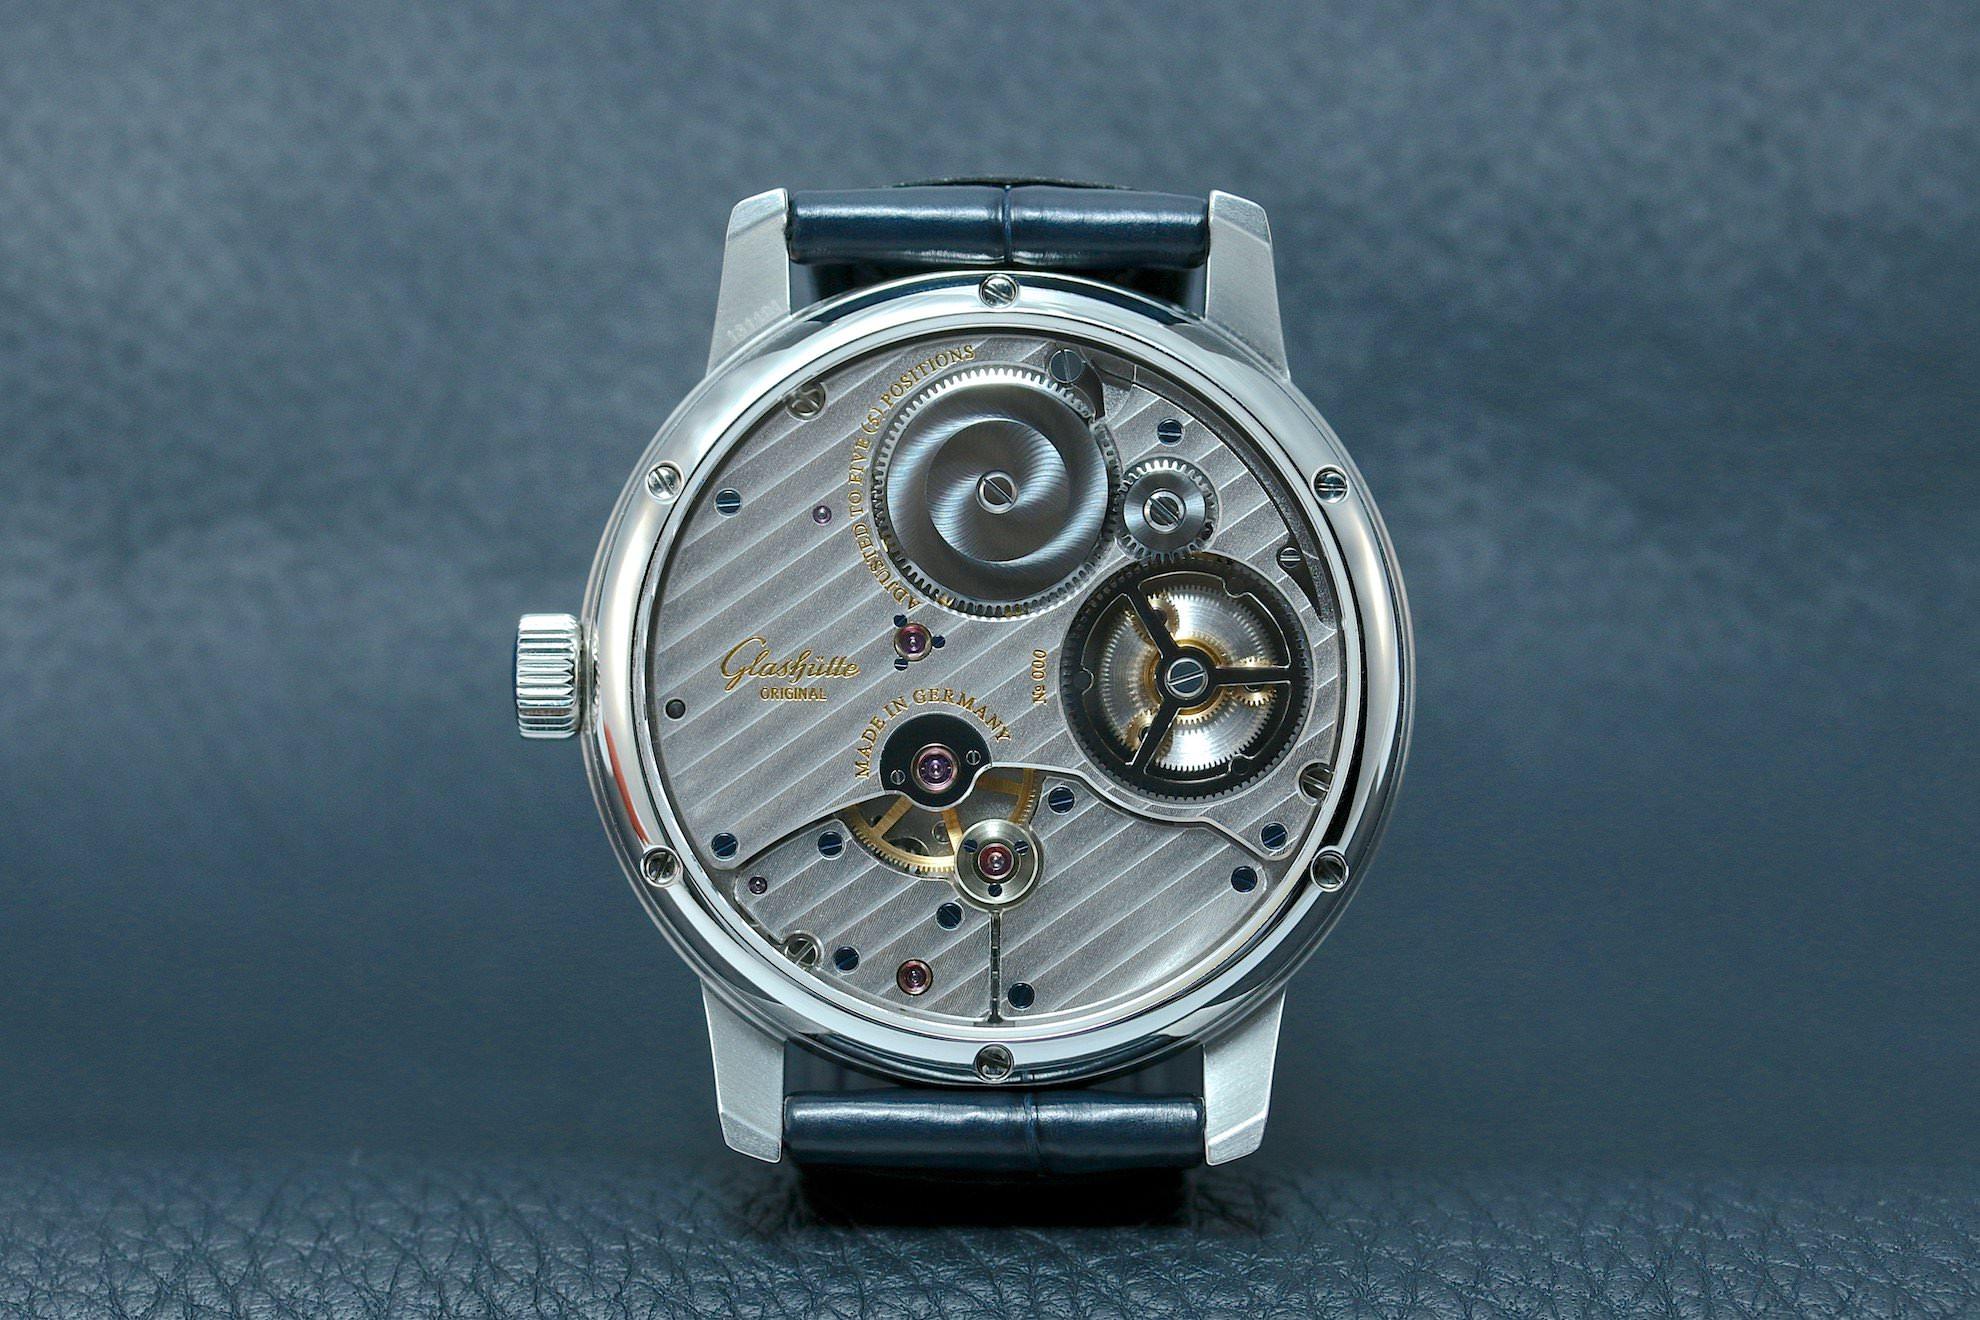 go_senator_chronometer_tourbillon_2